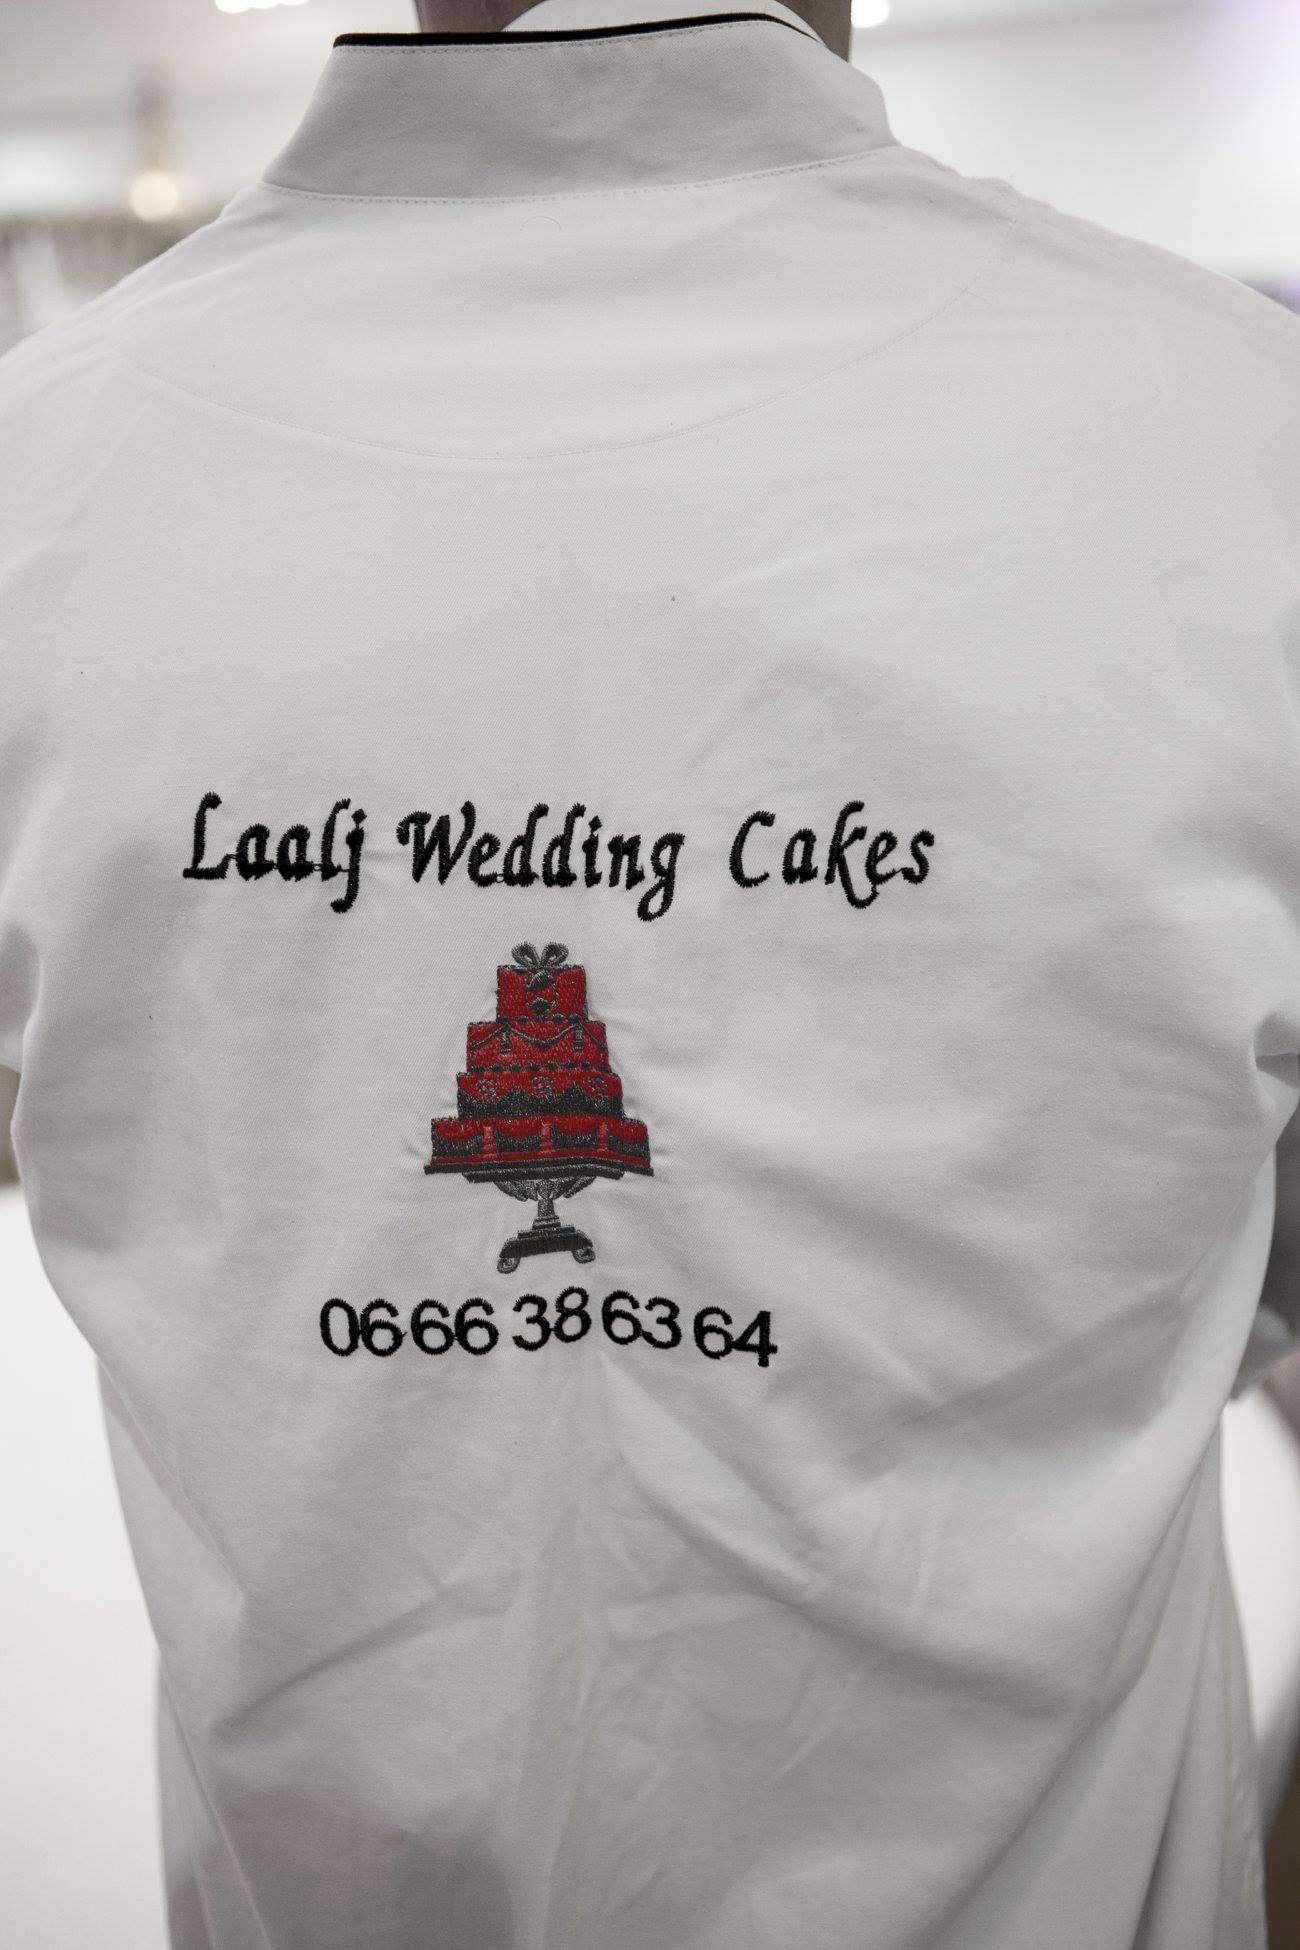 LAALJ Wedding CAKES